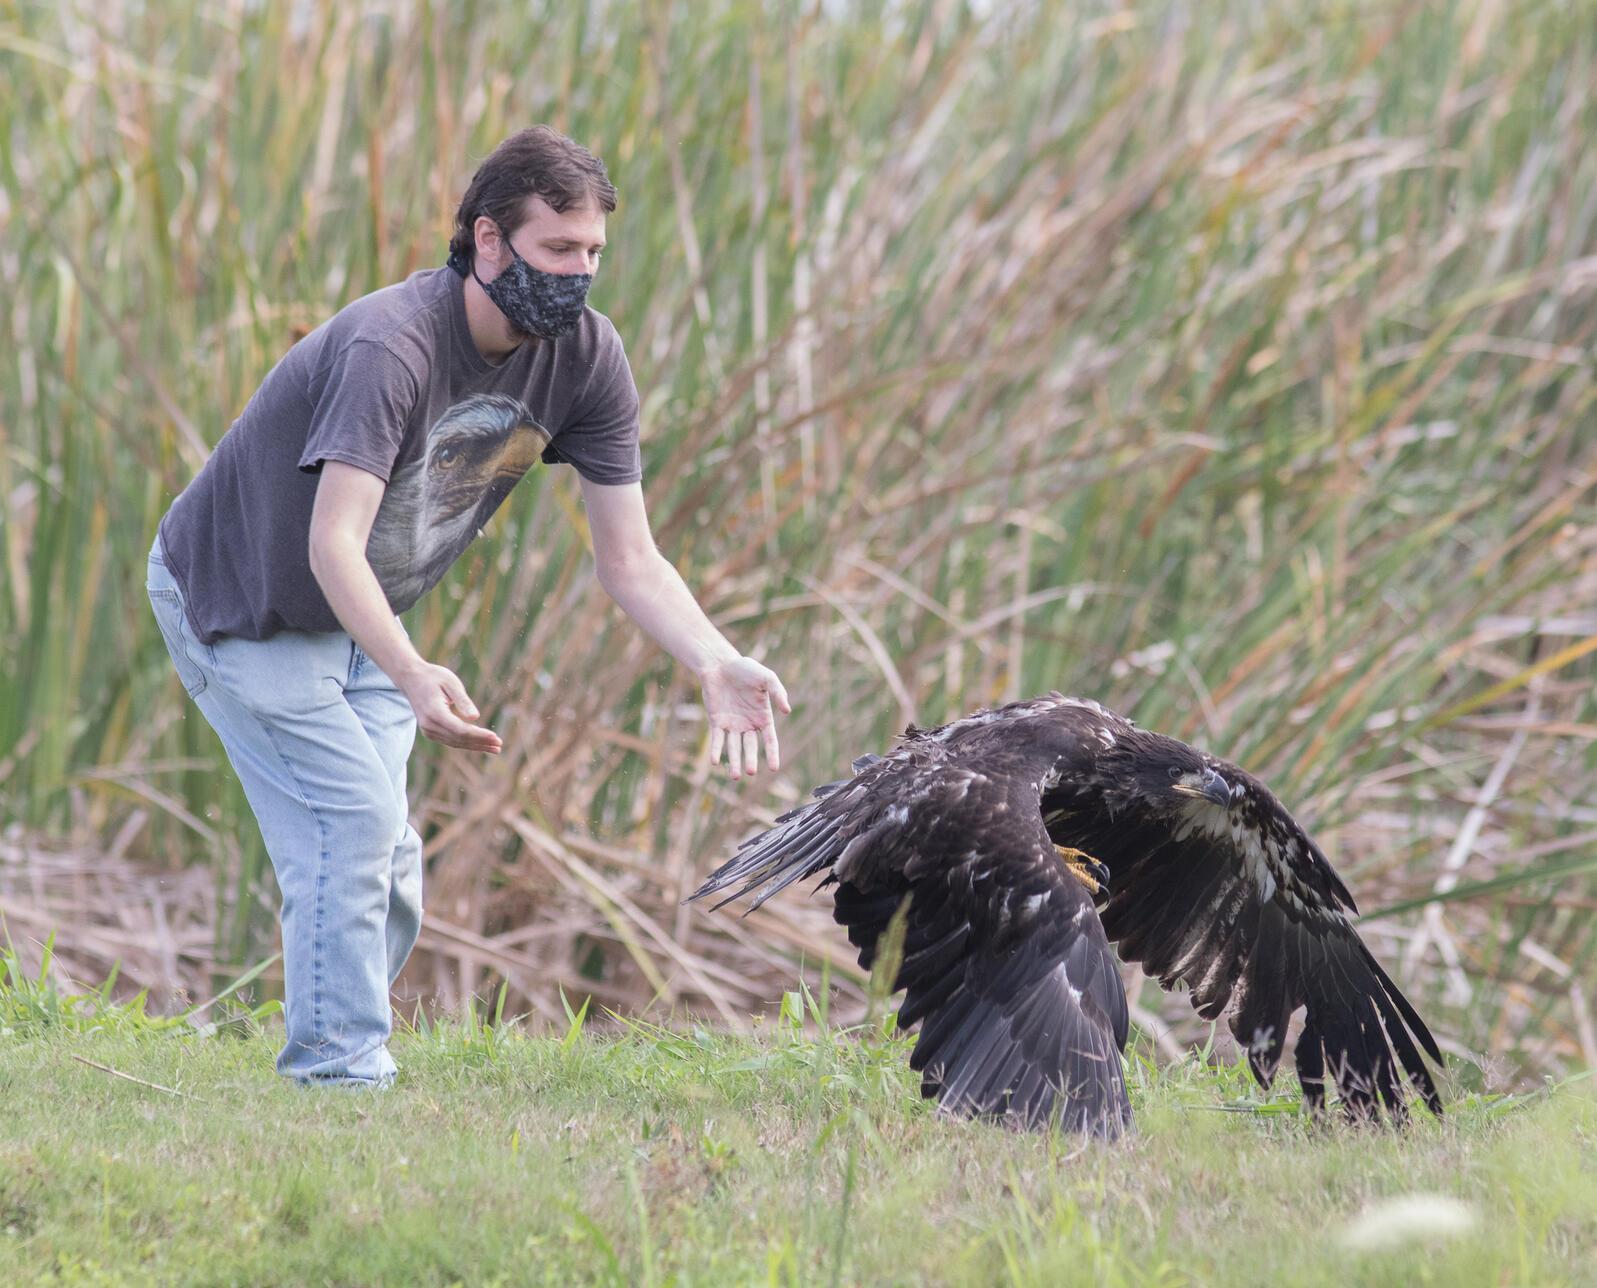 David Fitzpatrick releases a fledgling Bald Eagle. Photo: Katie Houvener.